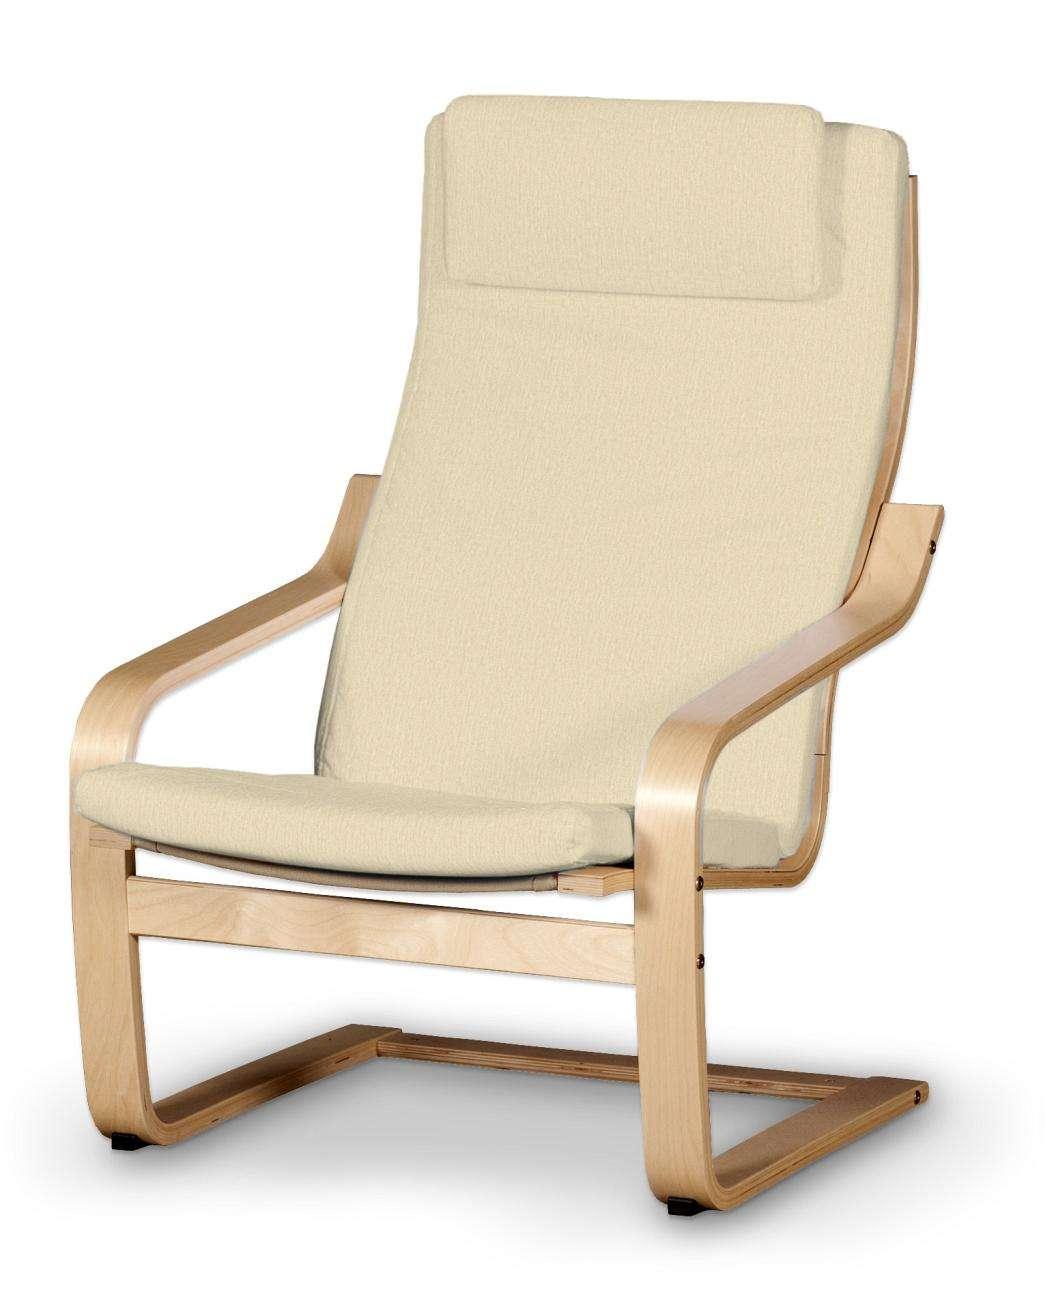 Poduszka na fotel Poäng II Fotel Poäng II w kolekcji Chenille, tkanina: 702-22